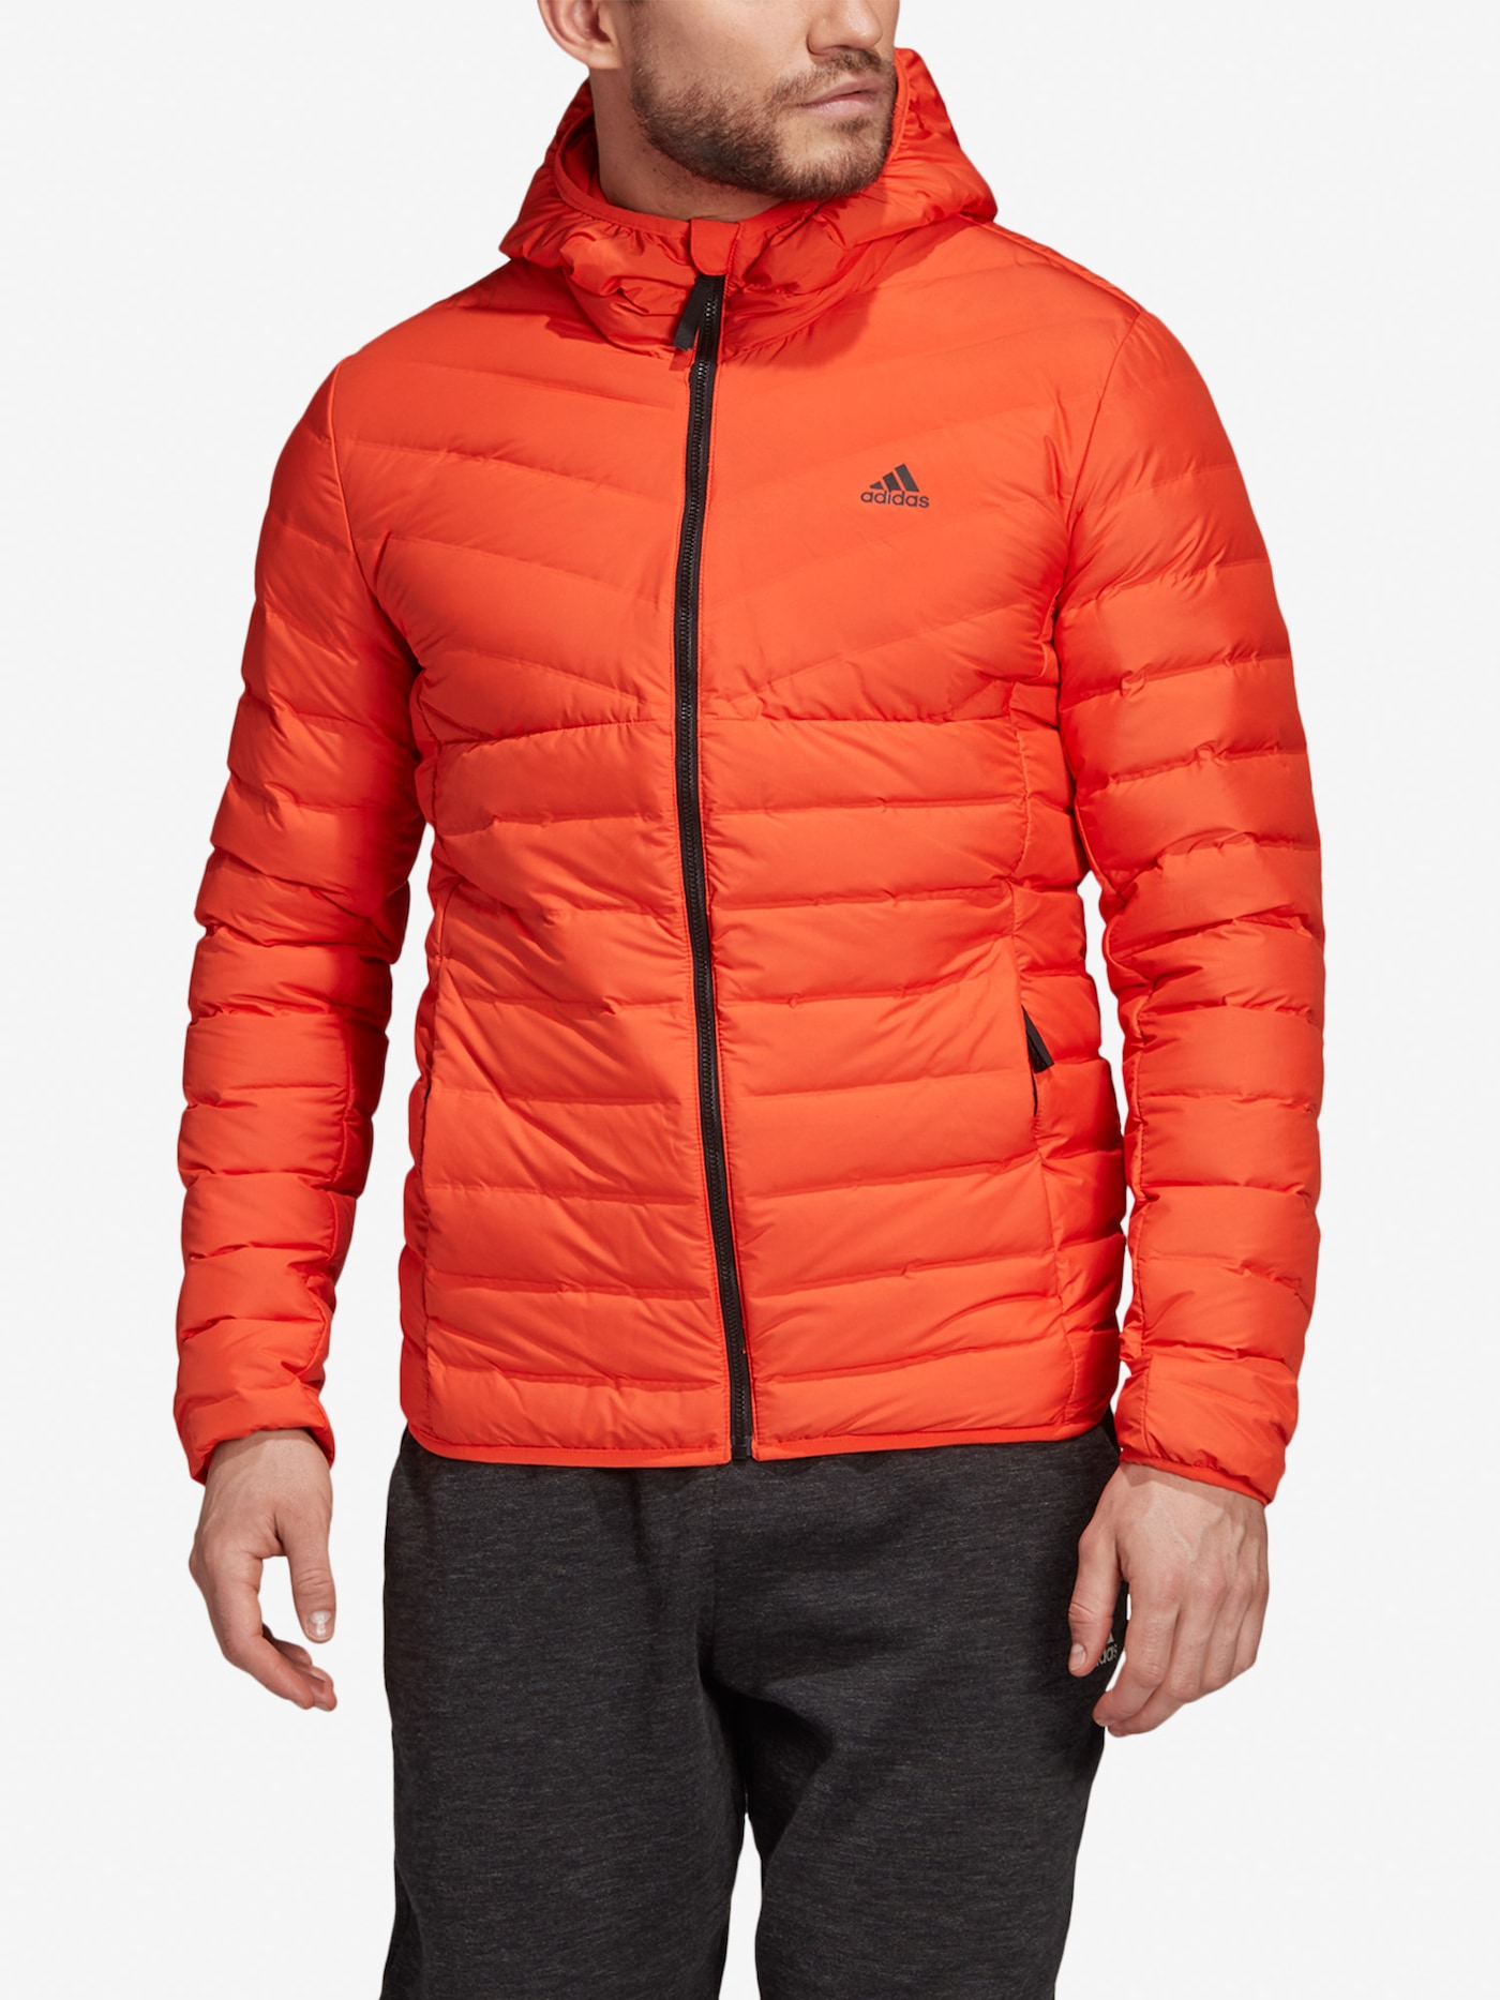 Adidas Performance Varilite 3S H J Jacket